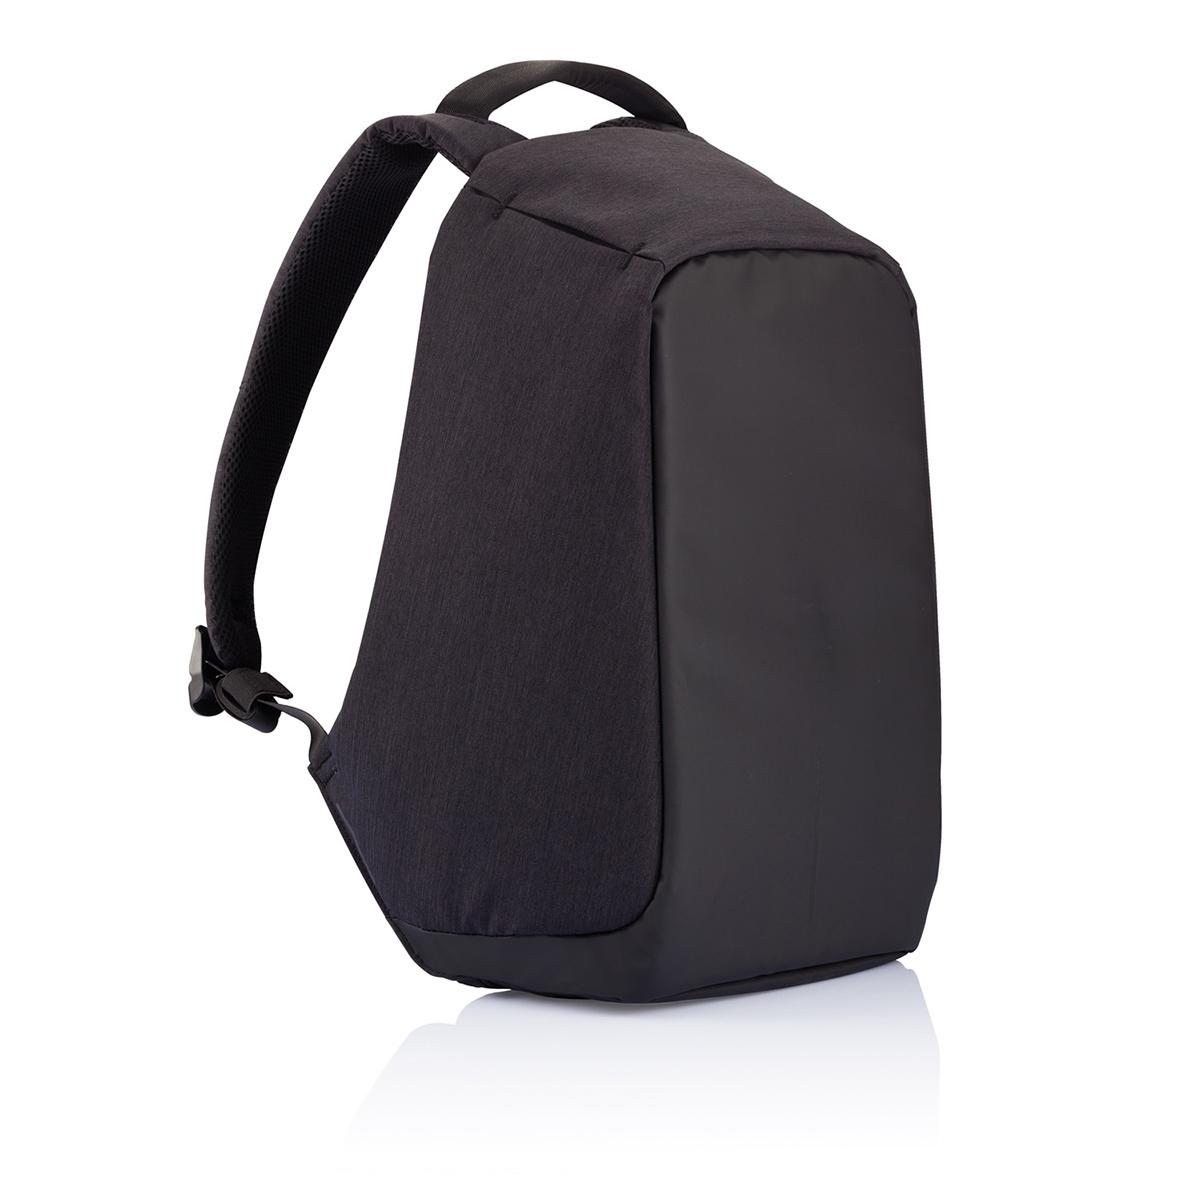 Рюкзак для ноутбука до 15 XD Design Bobby, цвет: черный. Р705.545Р705.545• Полная защита от карманников: не открыть, не порезать • USB-порт для зарядки гаджетов от спрятонного внутри рюкзака аккумулятора • Светоотражающие полосы • Супер-легкий: на 25% легче аналогов • Отделение для ноутбука до 15,6 • Отделение для планшета • Влагозащита • Лямка для крепления на чемодан